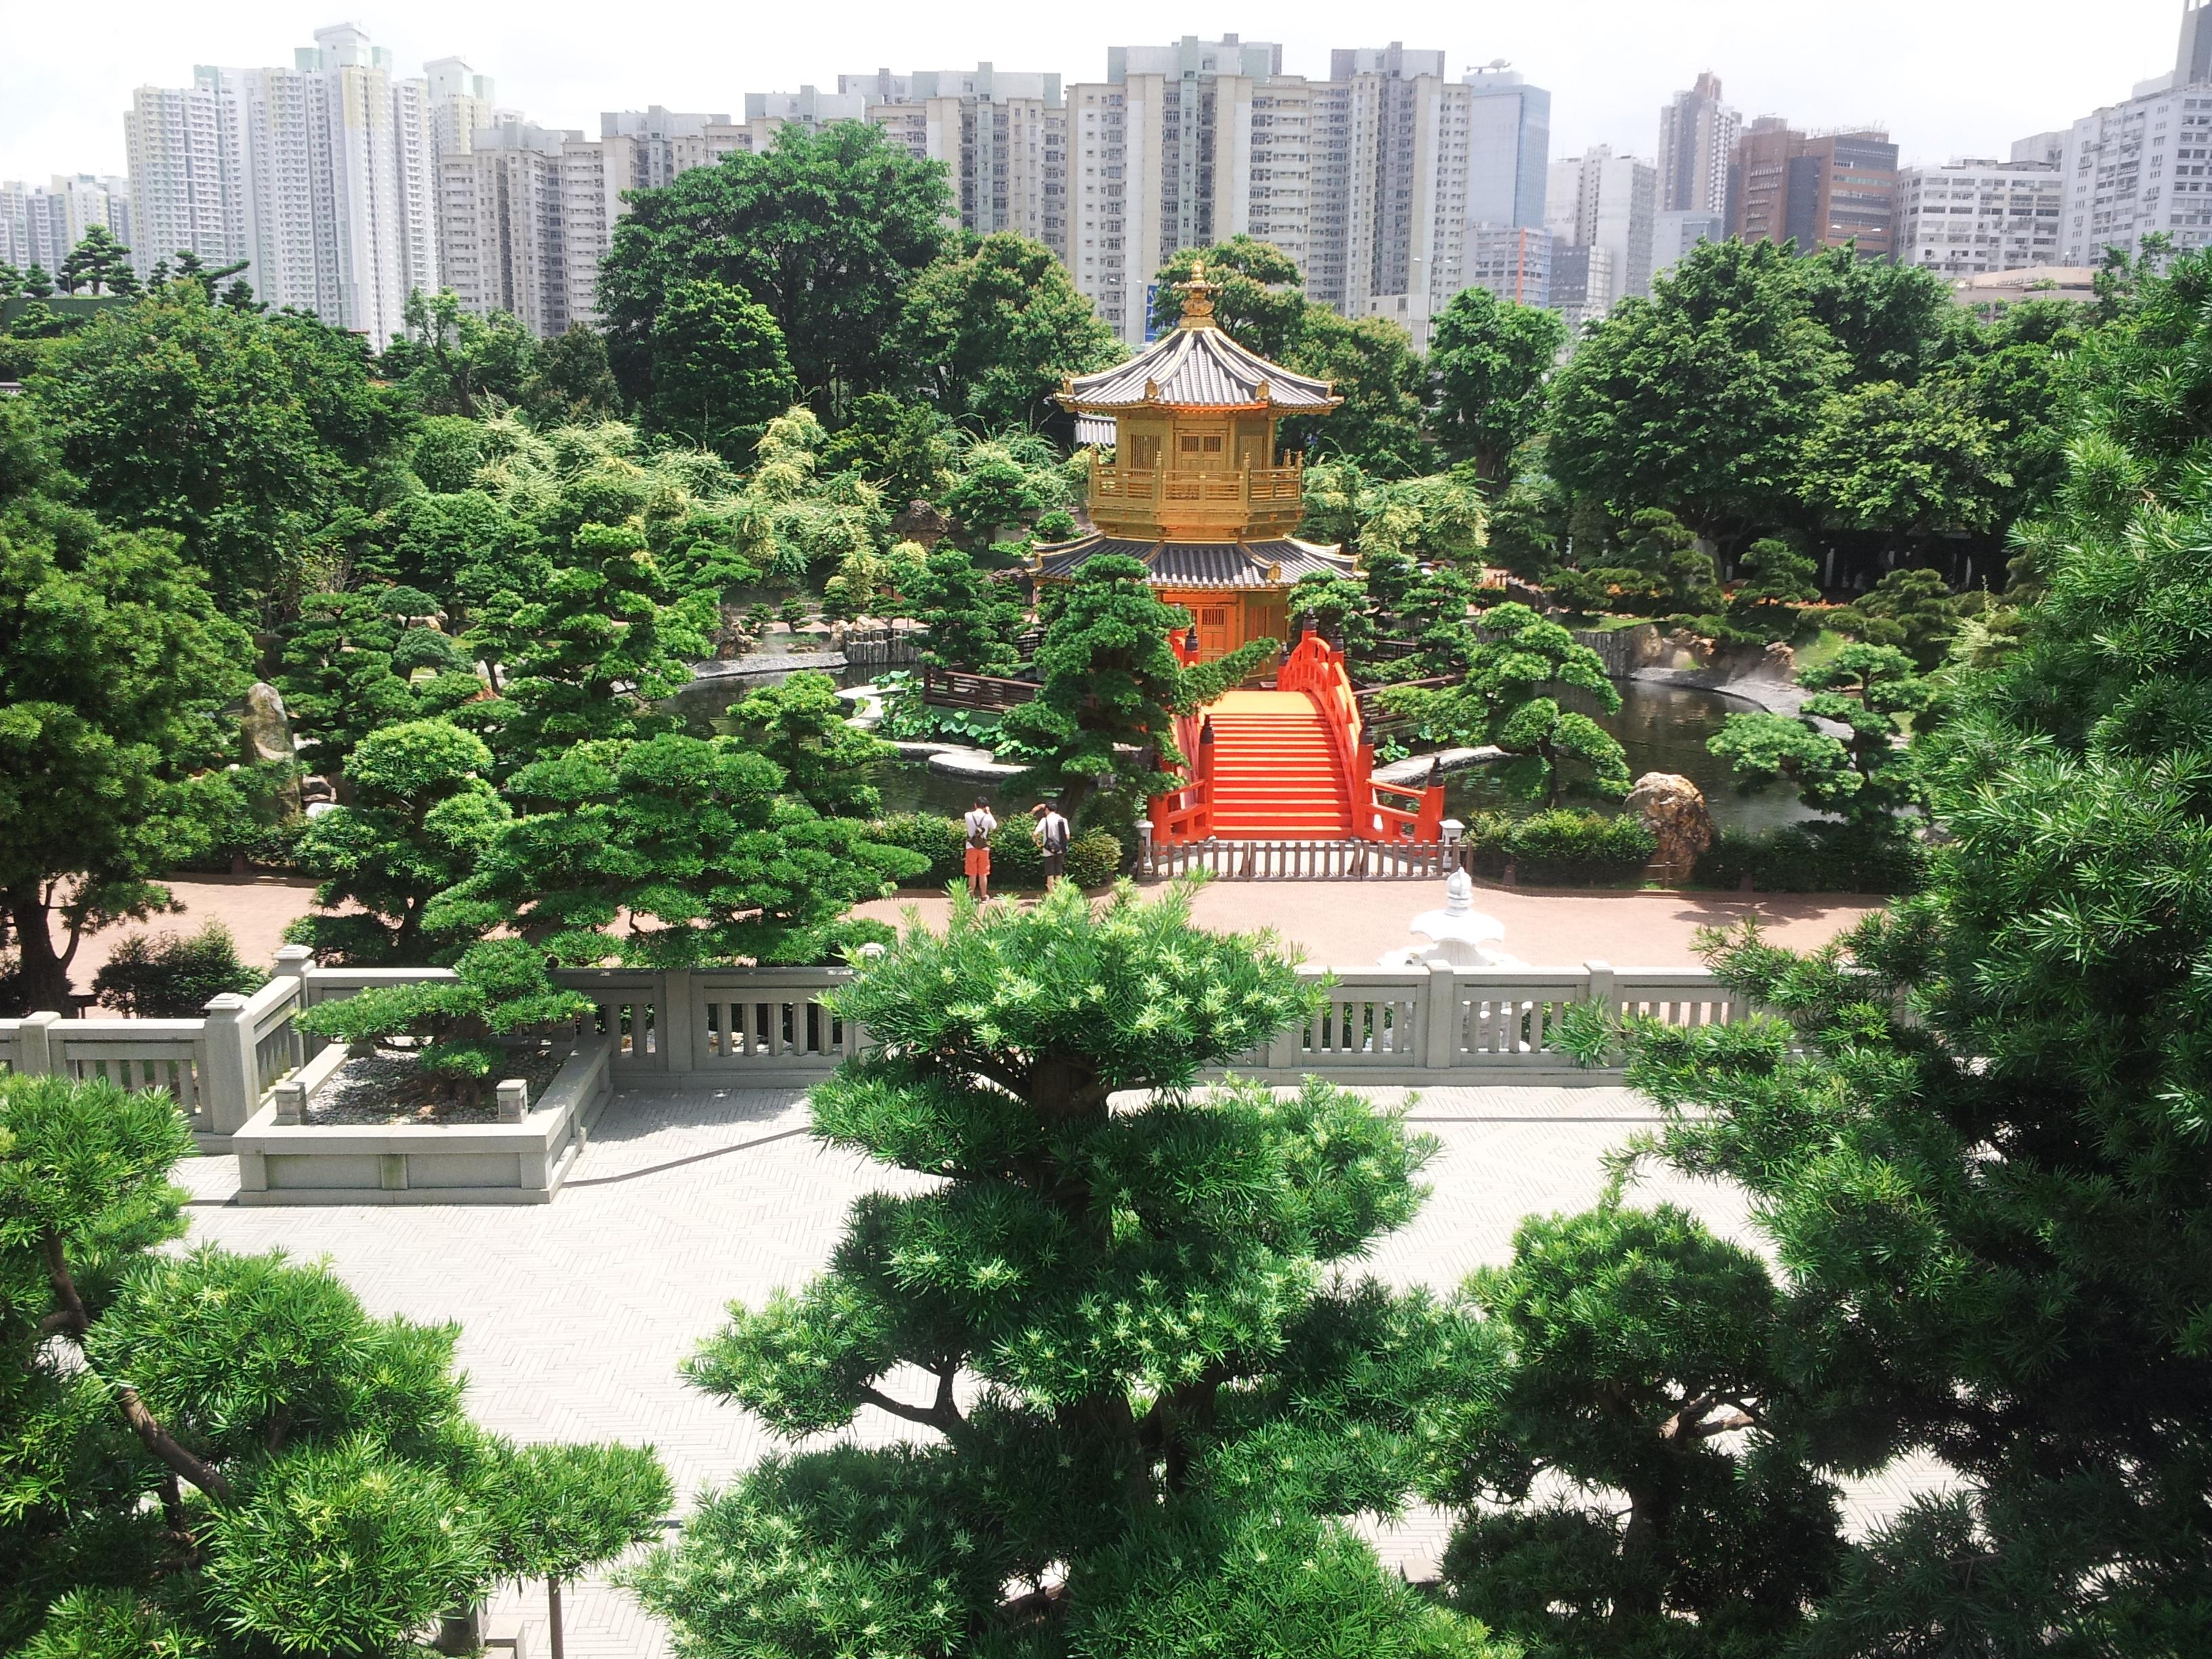 Nan Lian: Gardens